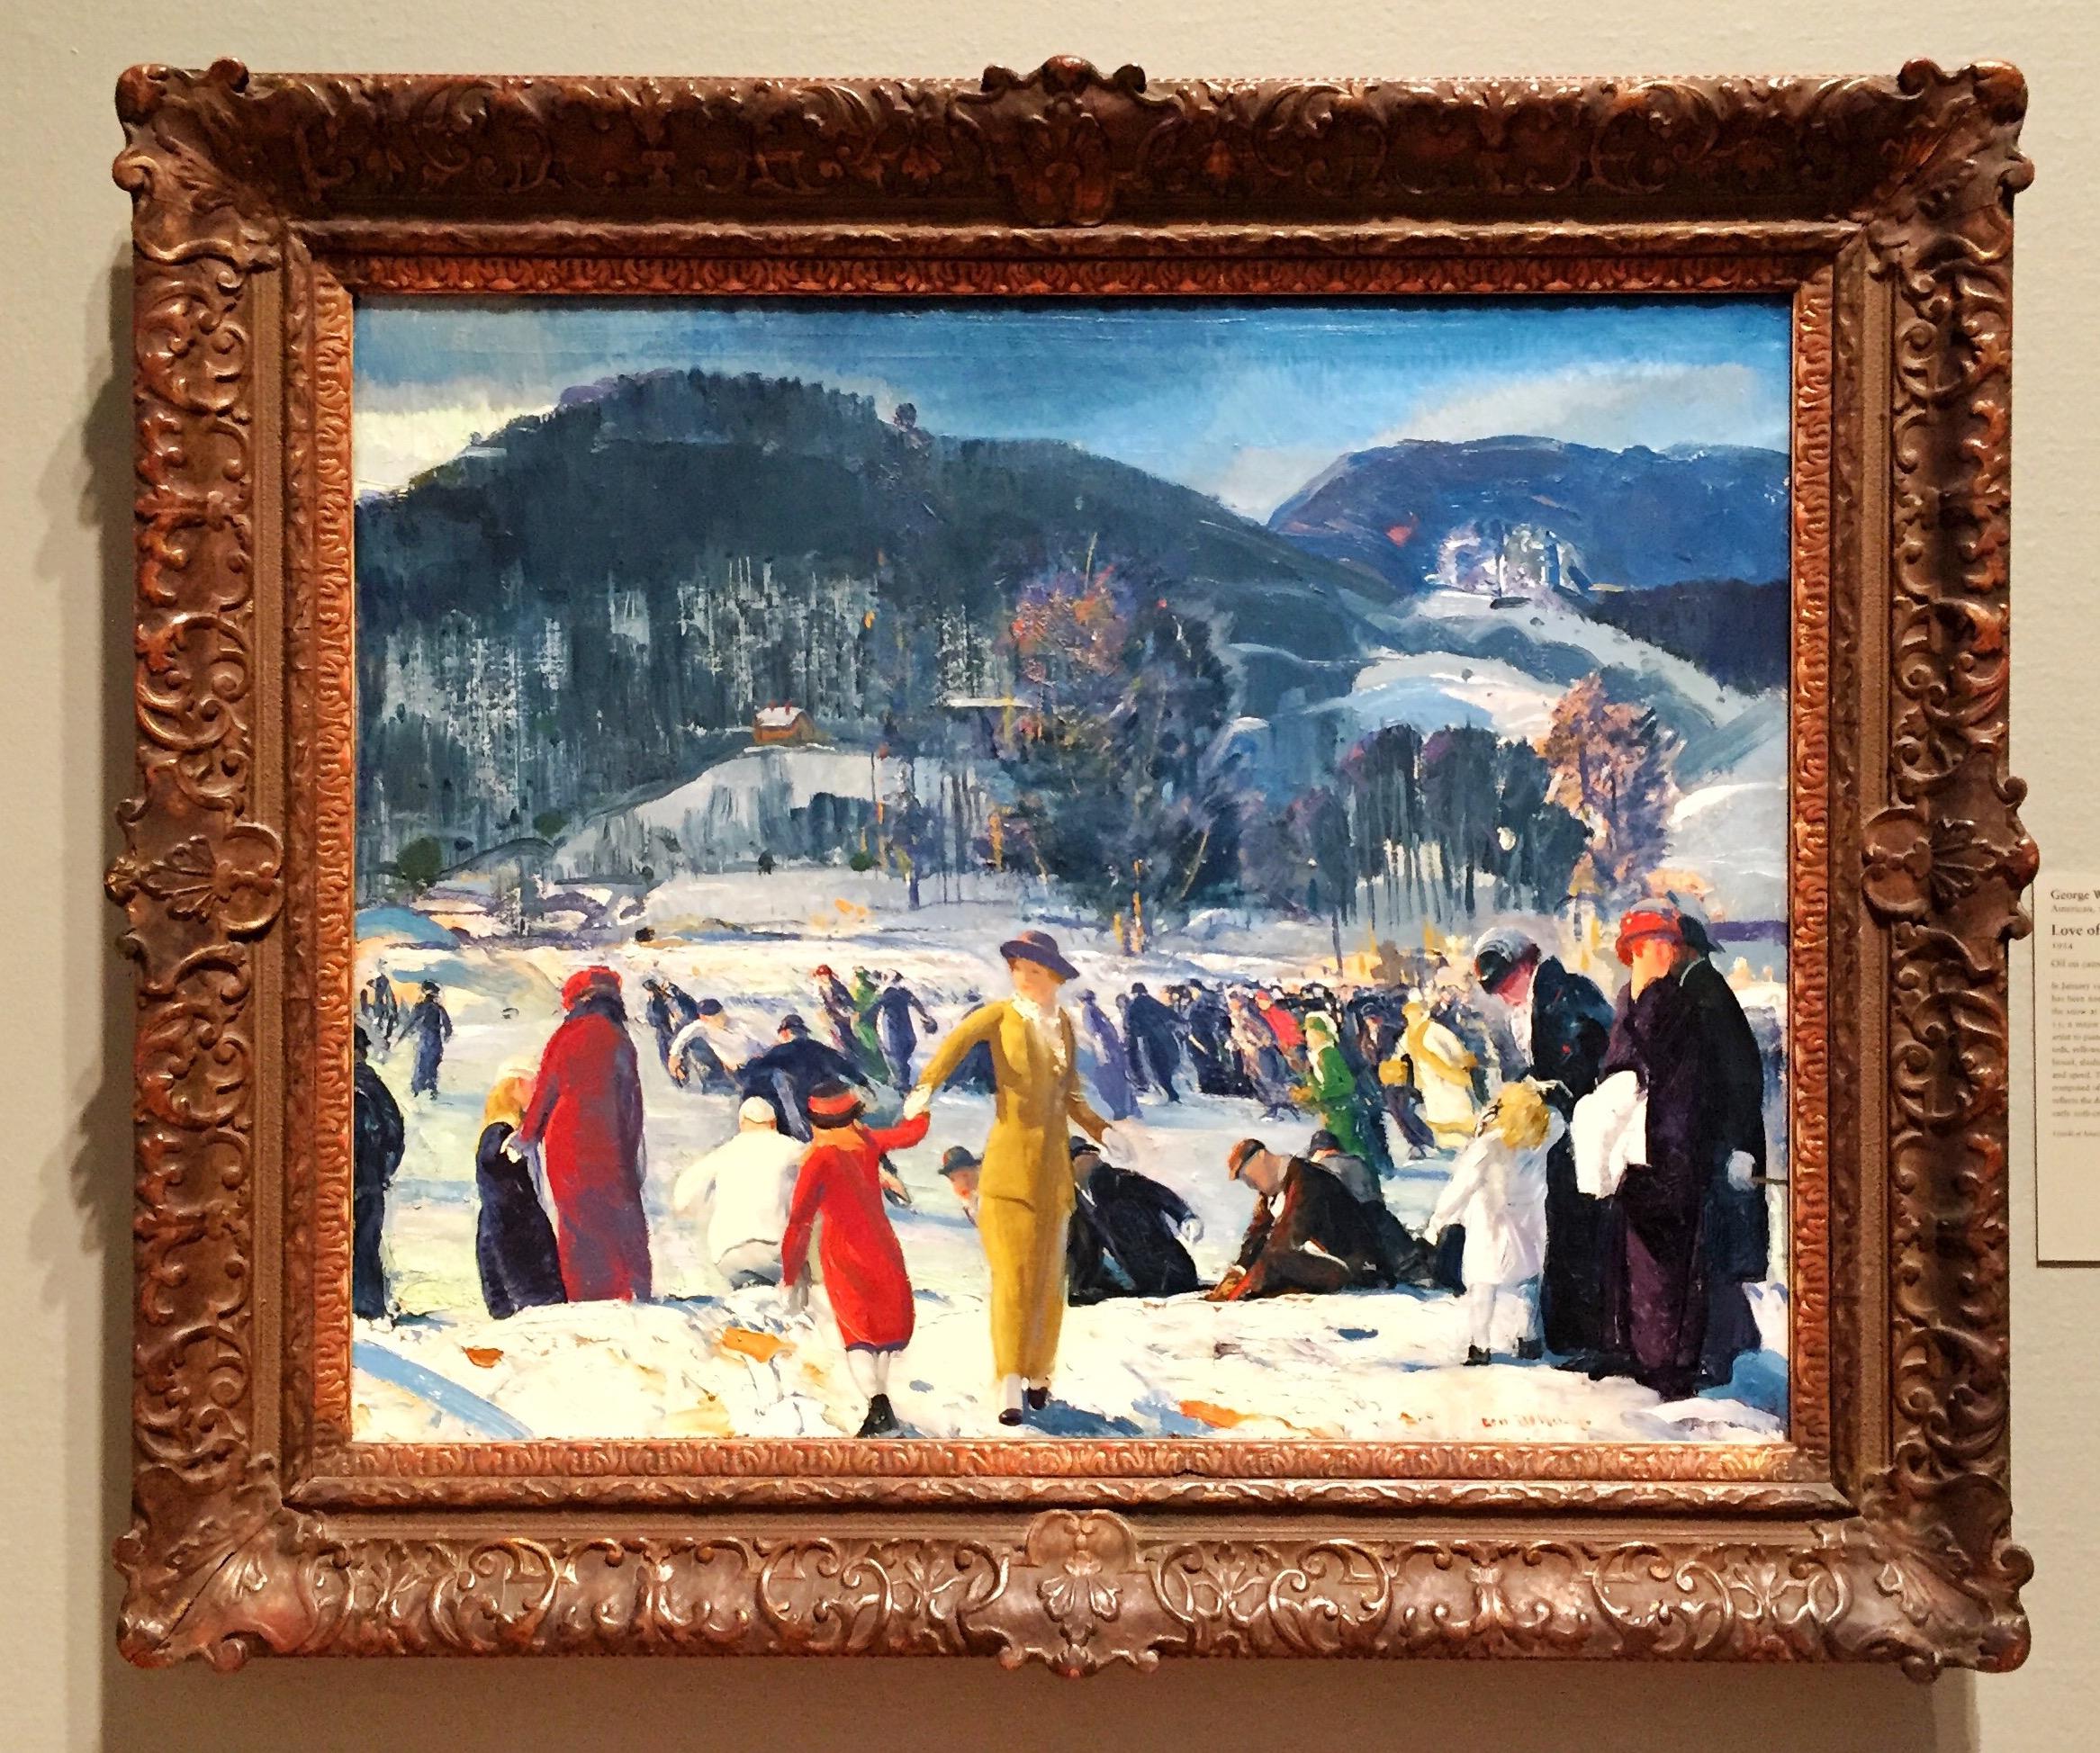 George Wesley Bellows, American, Love of Winter, 1914.